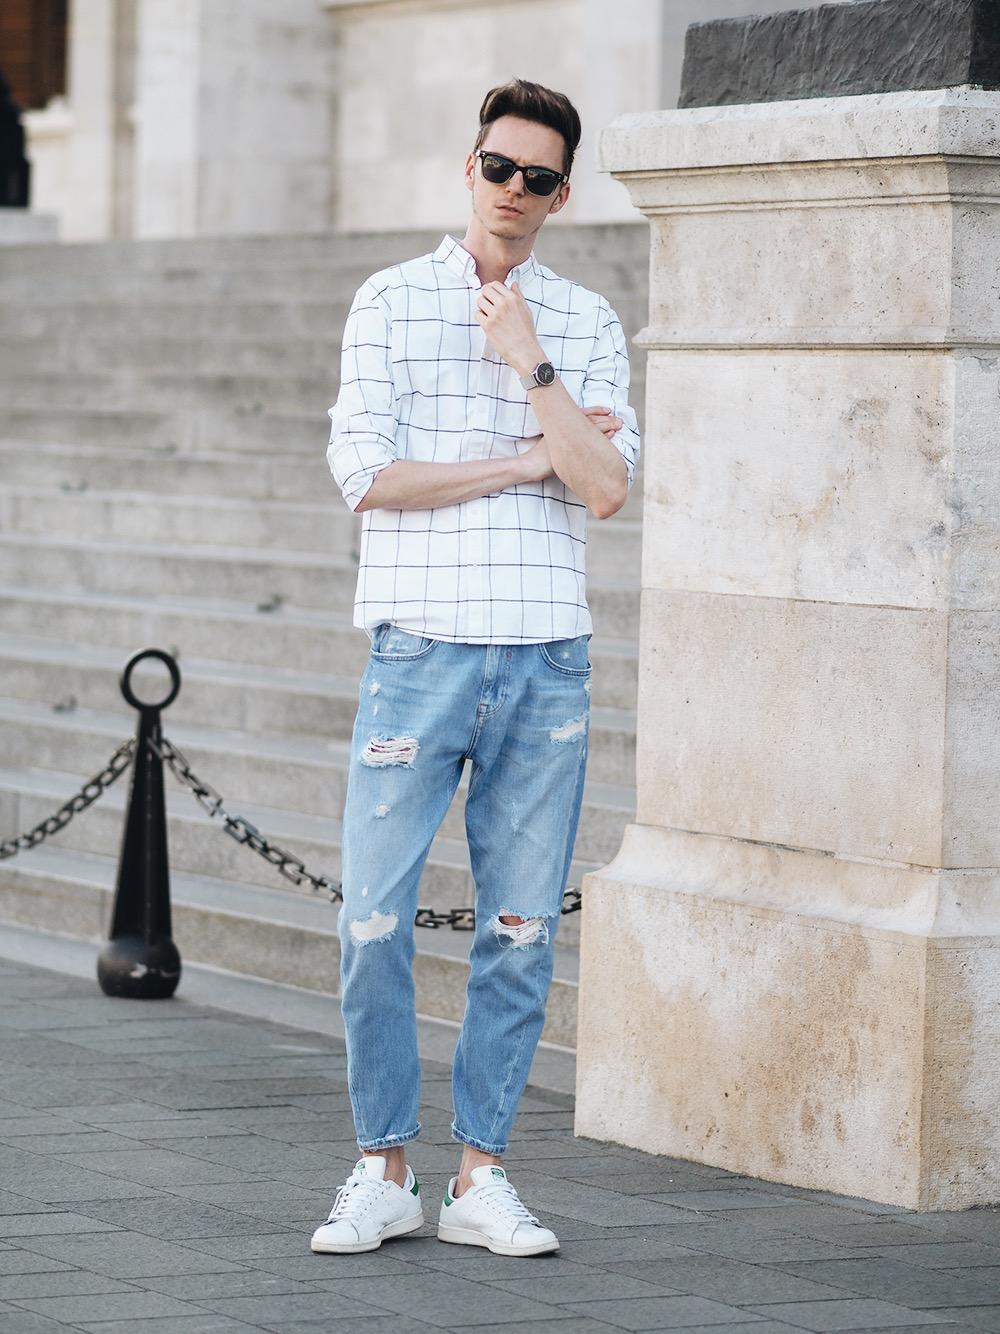 outfit-divatblog-ferfidivat-smizedivat-chaby-paul-hewitt-ora-watch-nexttime_4.jpg